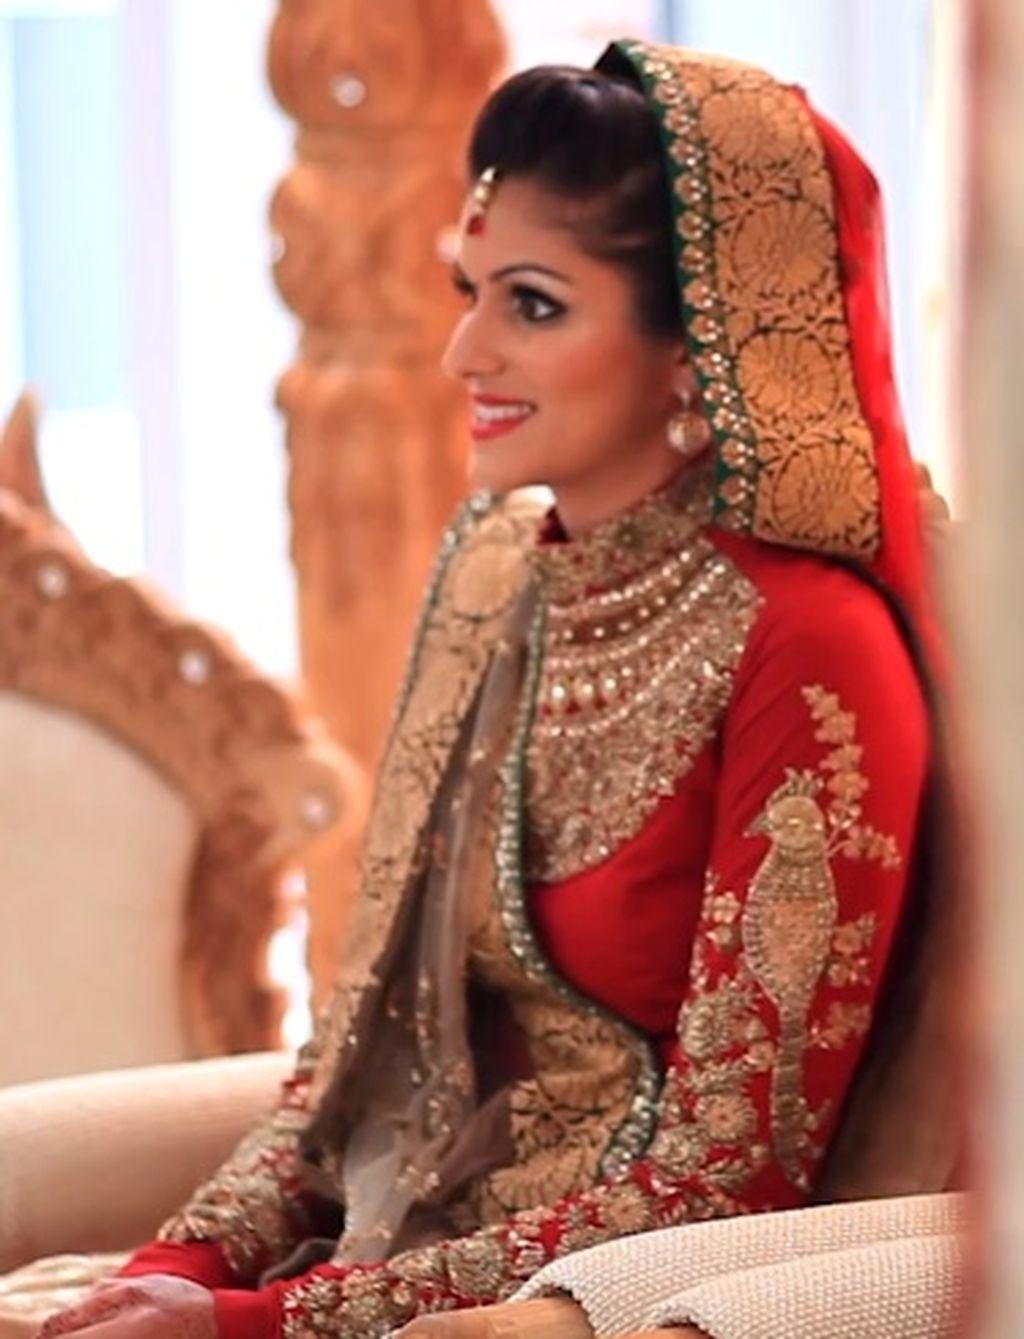 знакомства индийские невесты